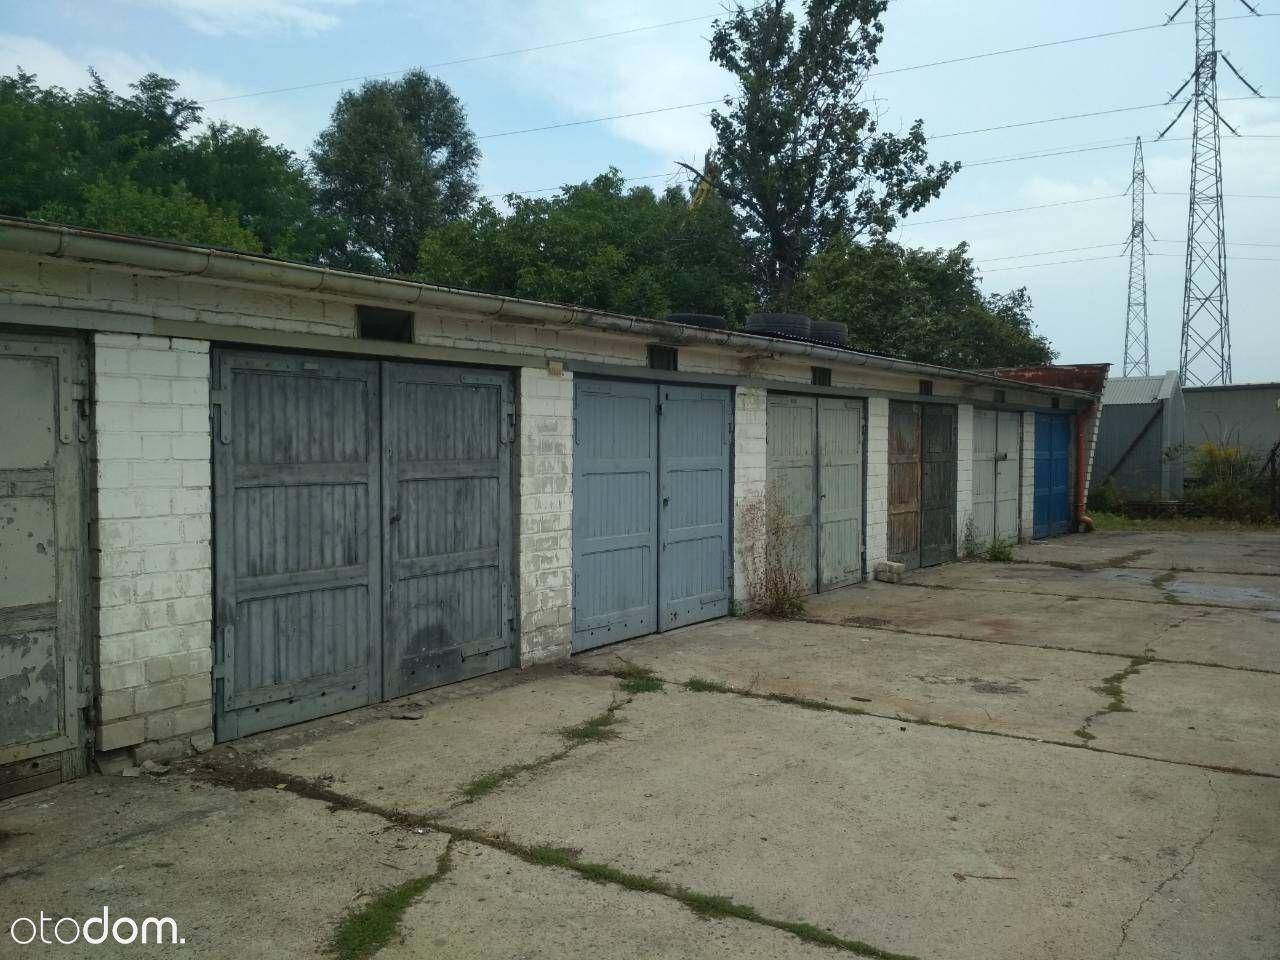 Garaż na wynajem, Kraków, Kościelniki - Foto 11